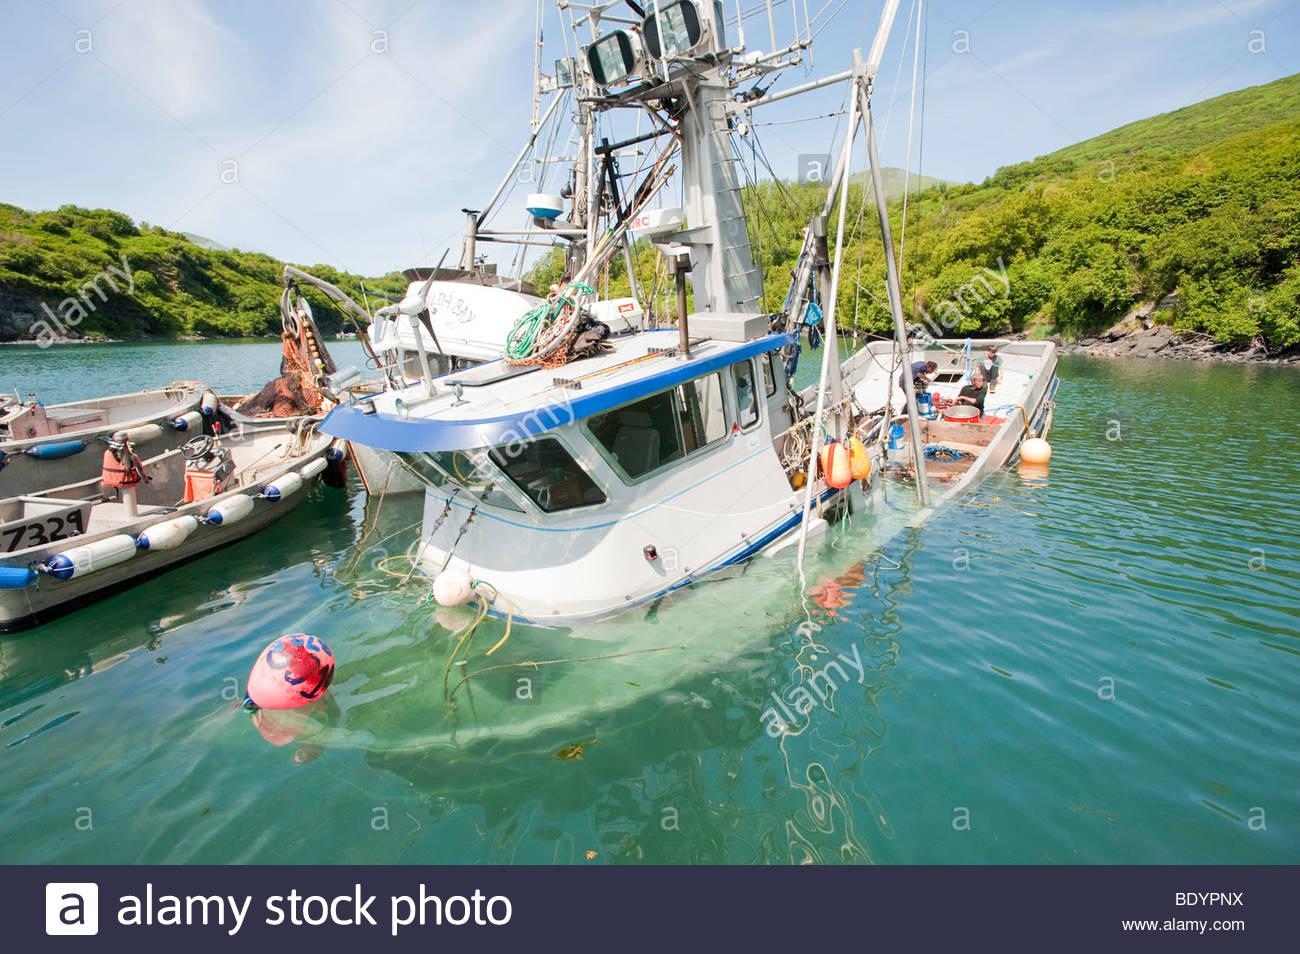 Sinking Fishing Boat Stock Photos & Sinking Fishing Boat Stock.